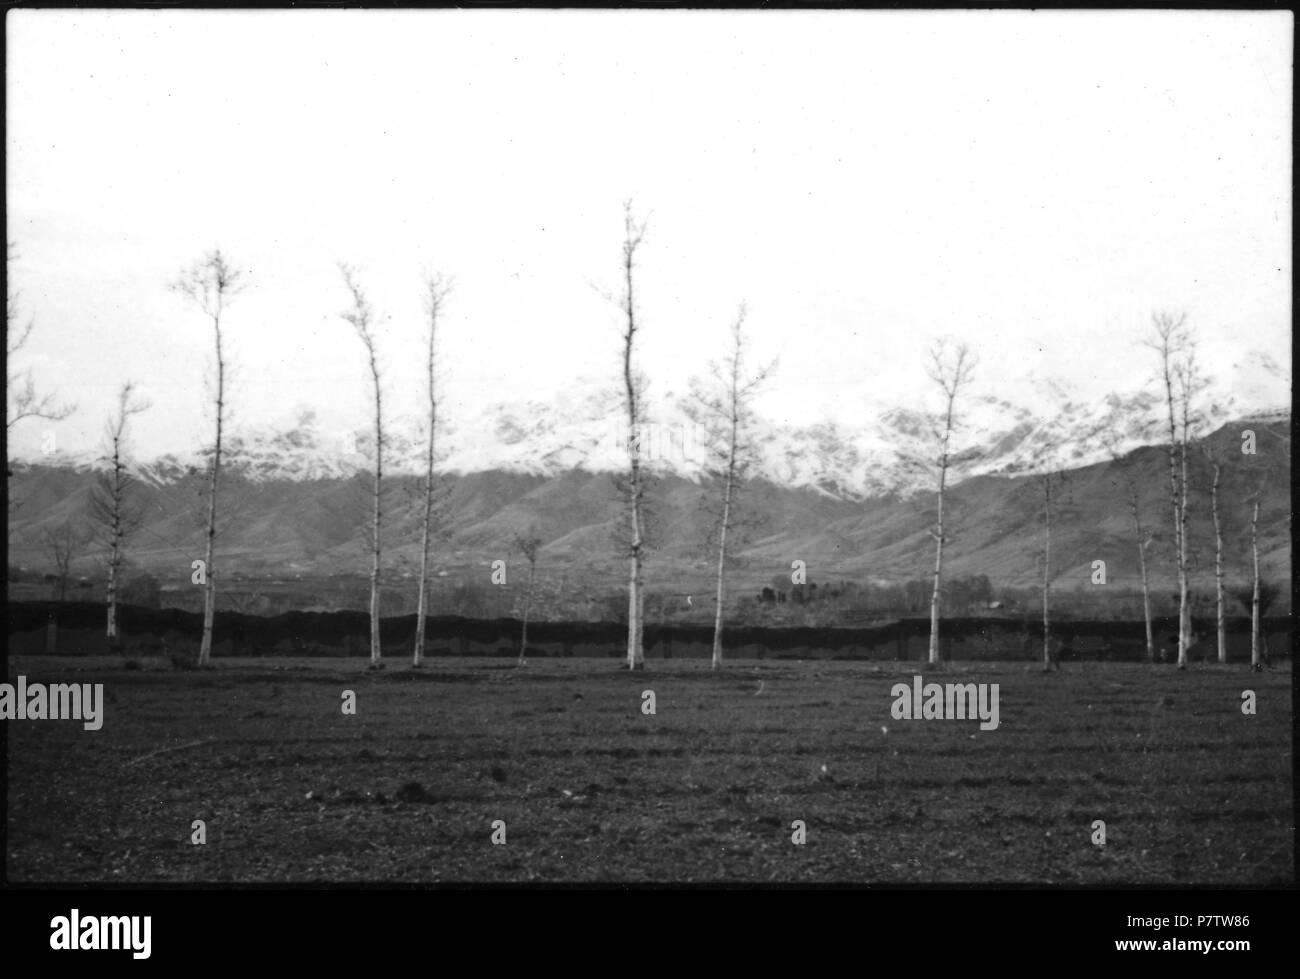 Persien: Landschaft (Lokalisierung unsicher); Im Vordergrund eine Ebene mit Bäumen, im Hintergrund schneebedeckte Berge. from 1933 until 1934 78 CH-NB - Persien- Landschaft (Lokalisierung unsicher) - Annemarie Schwarzenbach - SLA-Schwarzenbach-A-5-04-207 - Stock Image